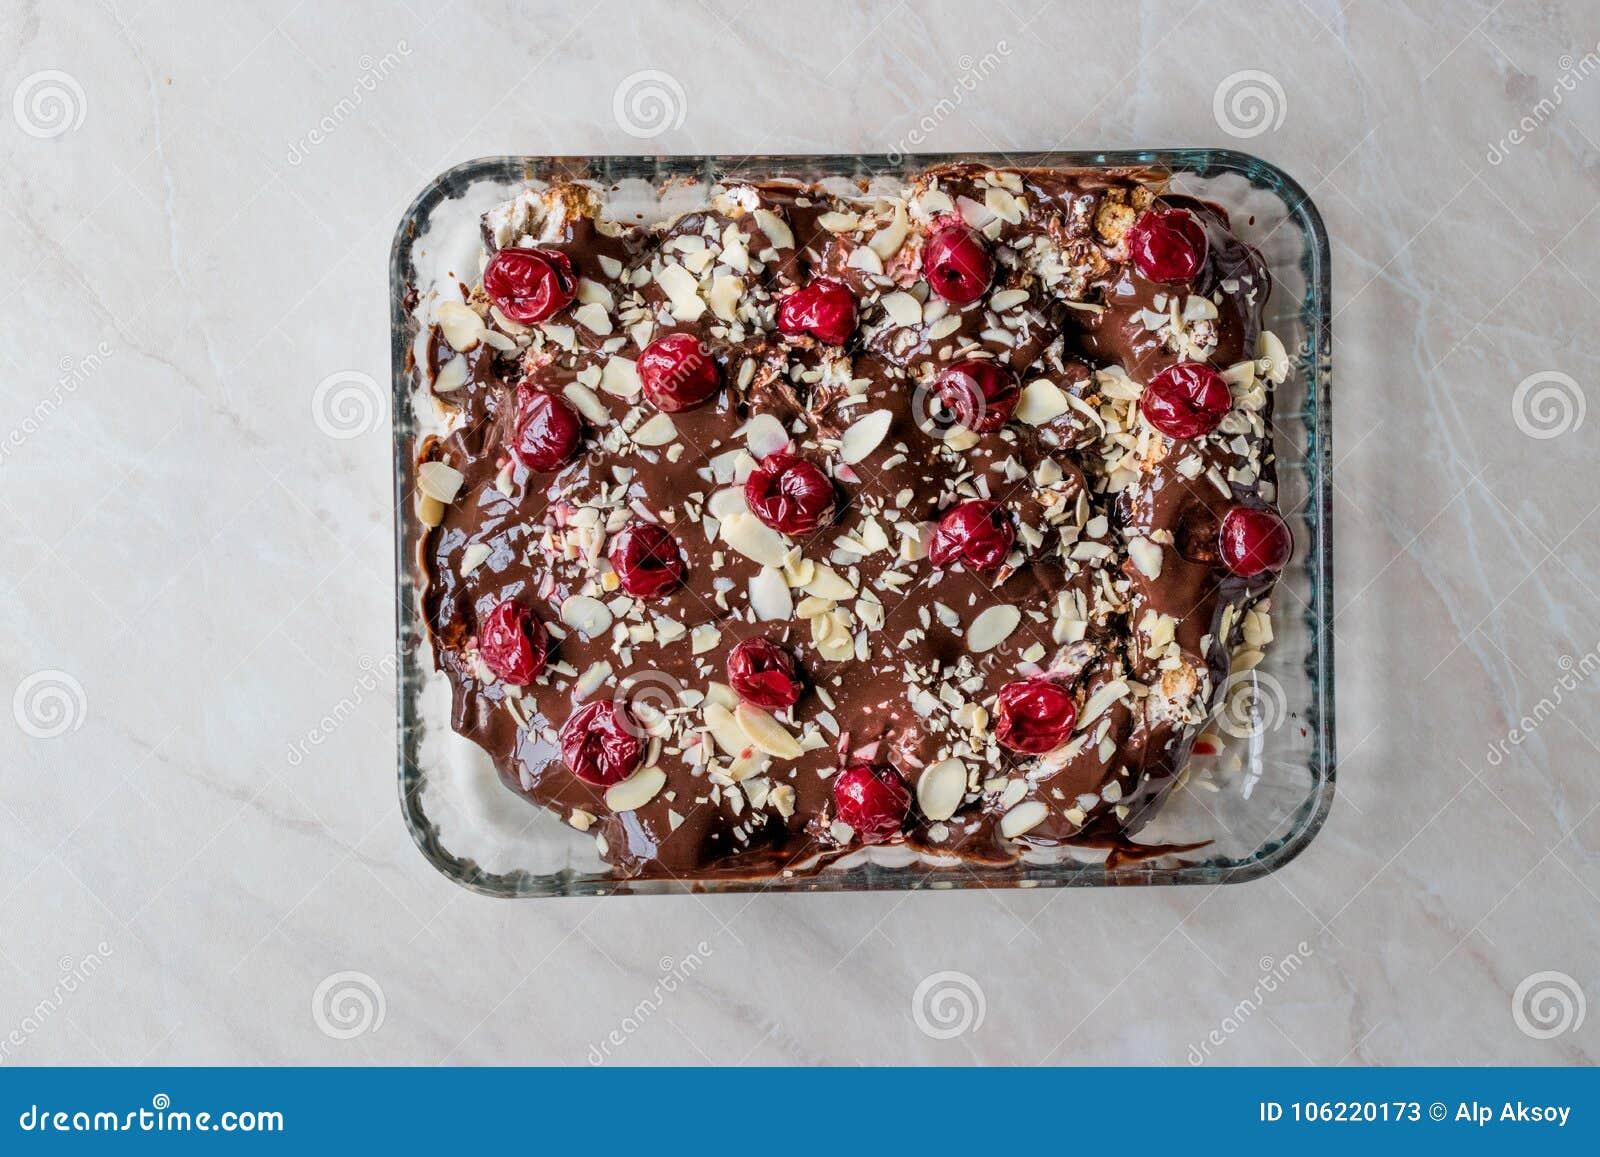 Schokoladen Pudding Kuchen Mit Kirschen Mandel Scheiben Und Keksen